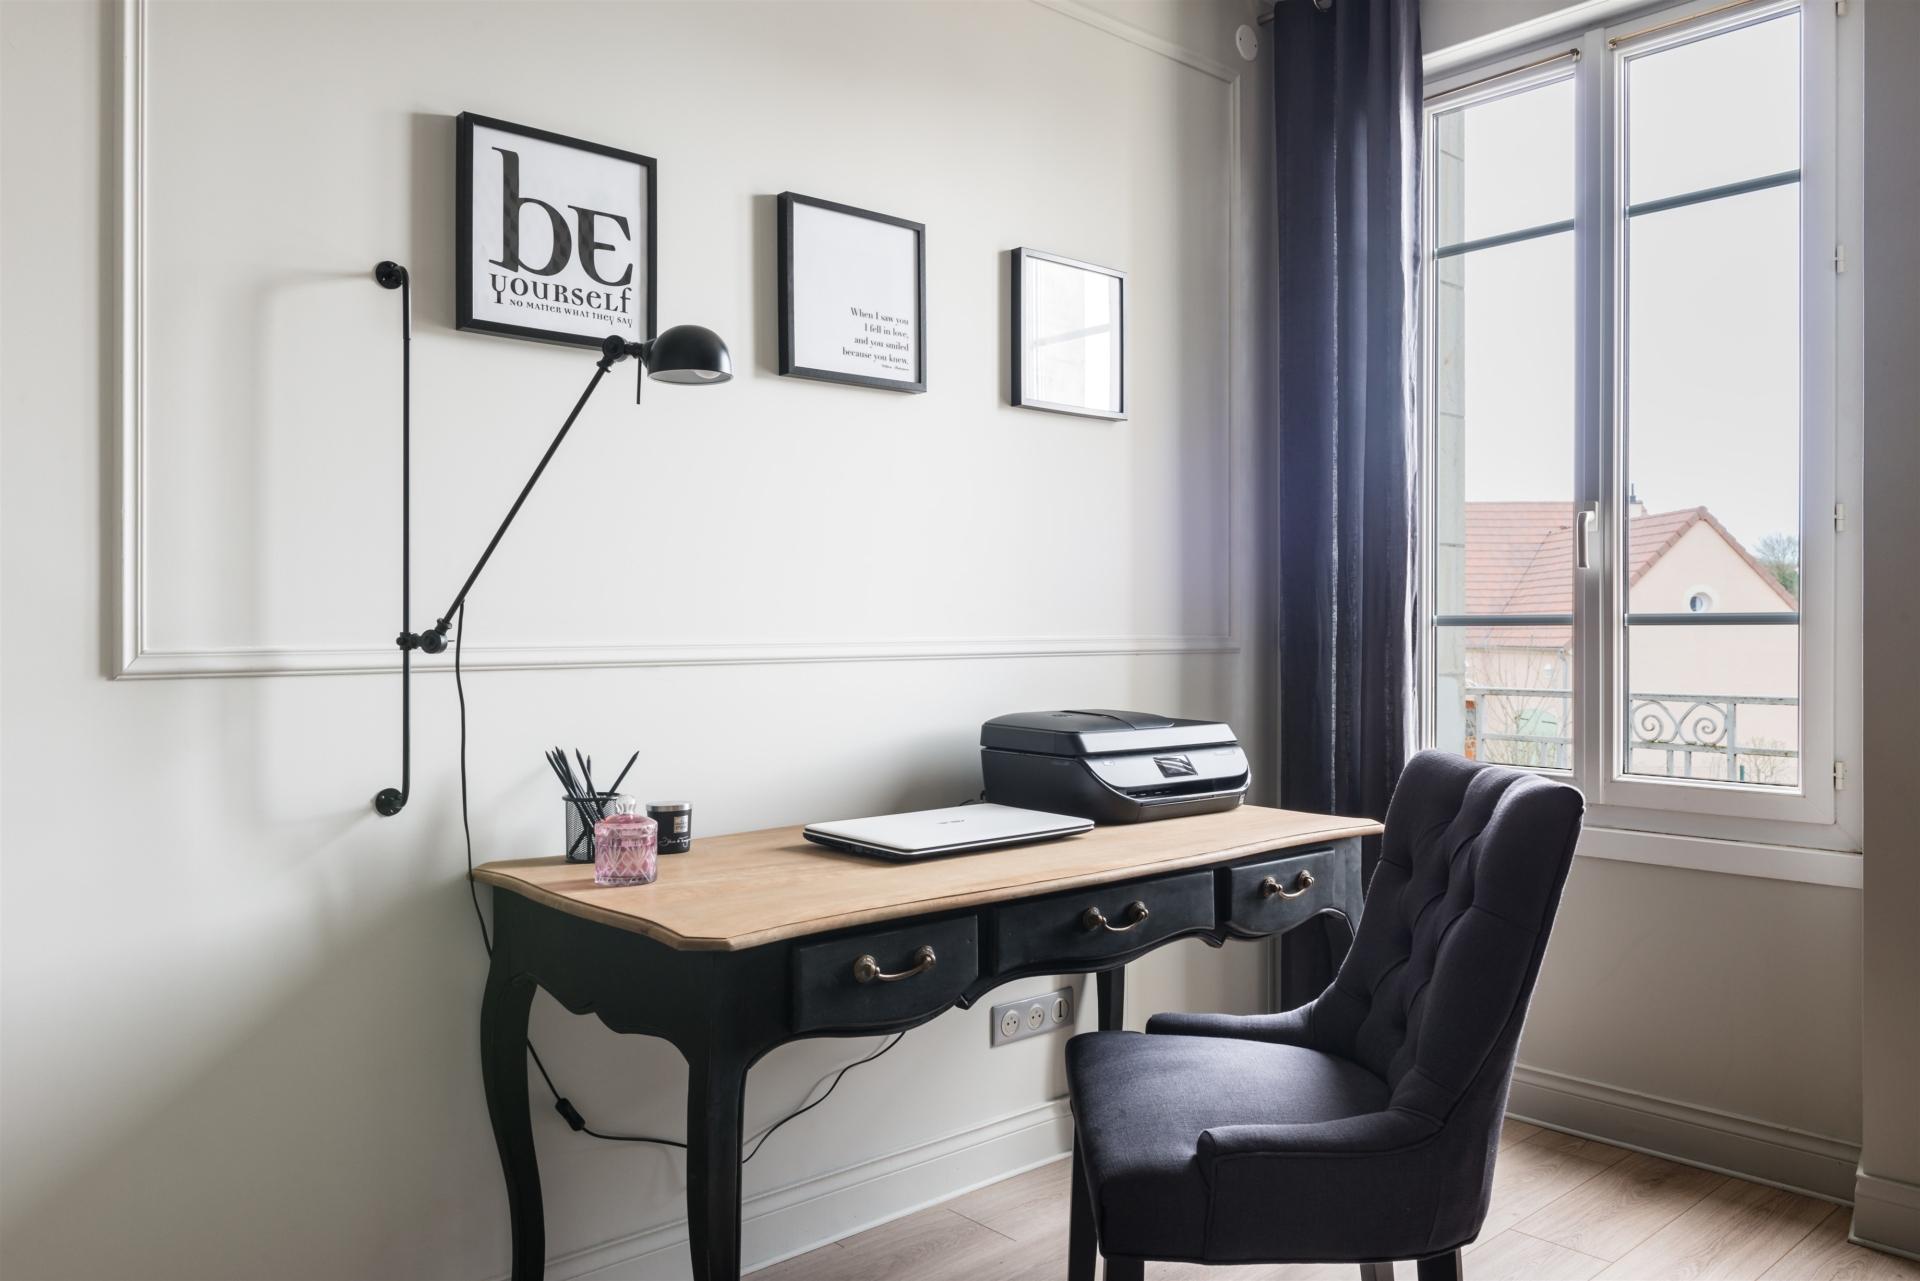 Dessin animé plat vecteur intérieur bureau chambre noir et blanc